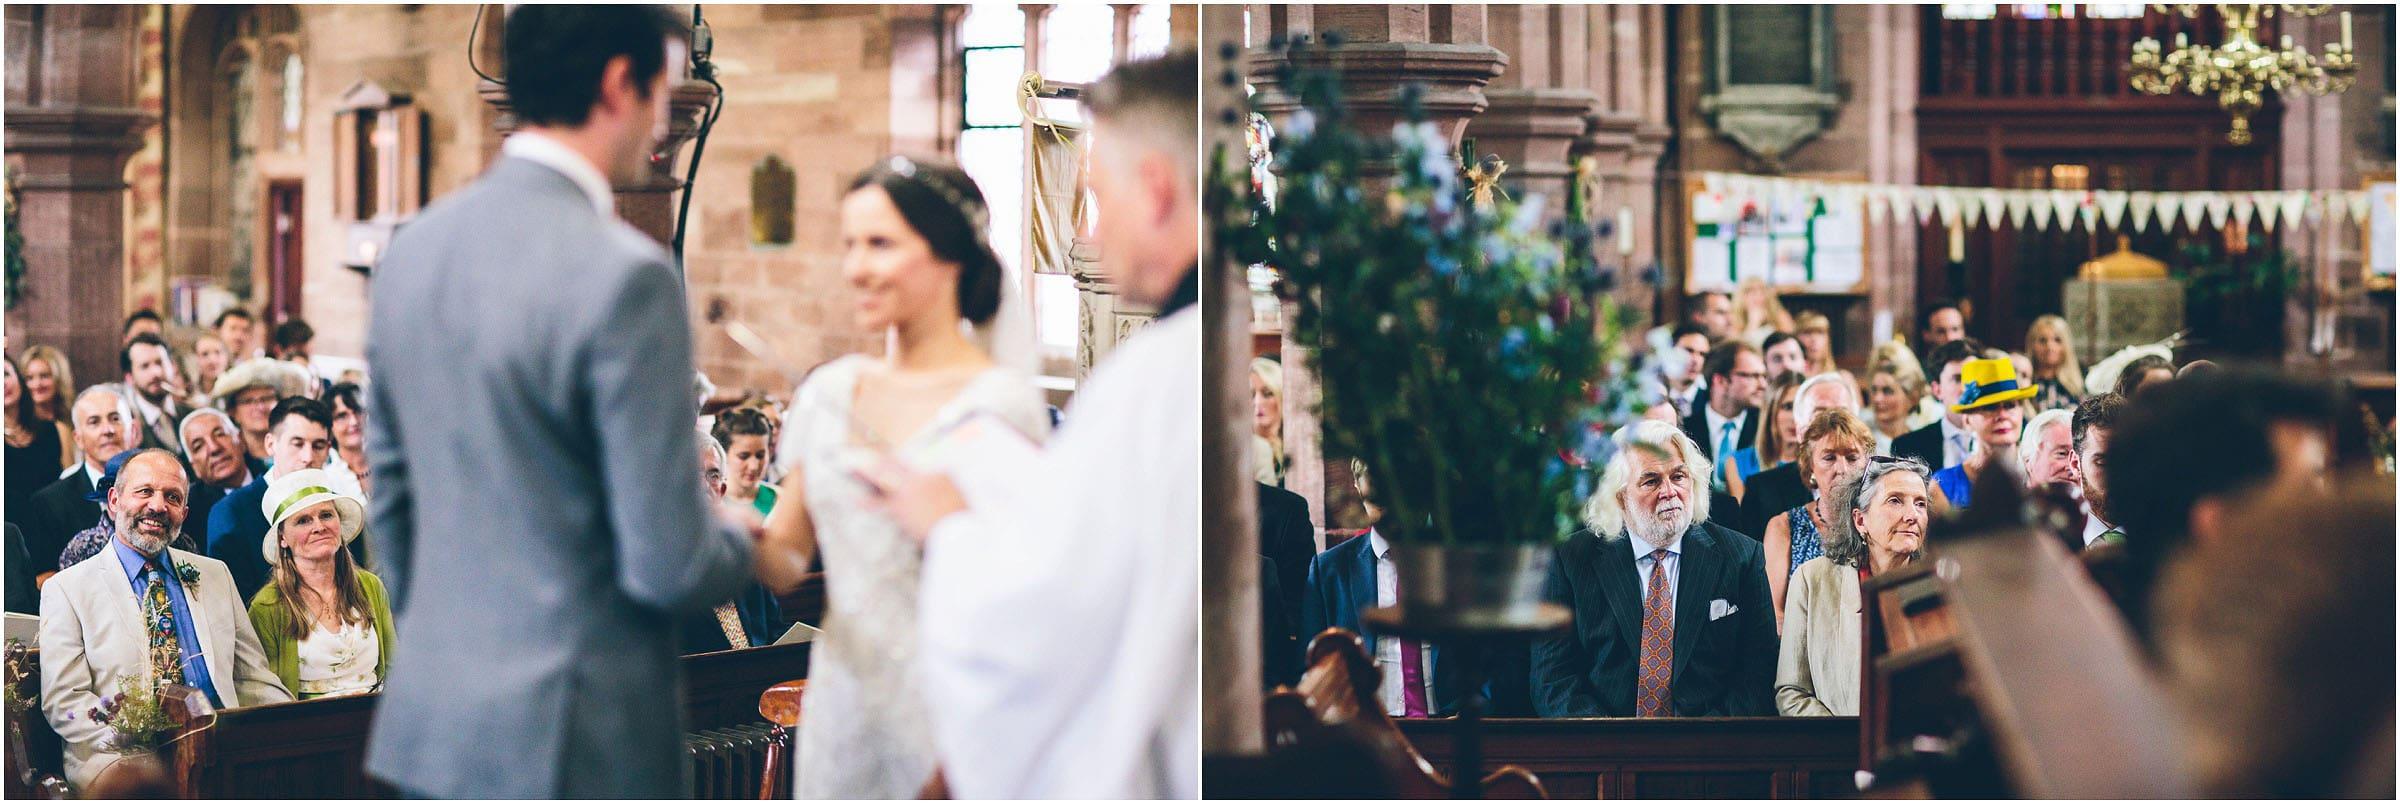 Harthill_Weddings_Wedding_Photography_0049